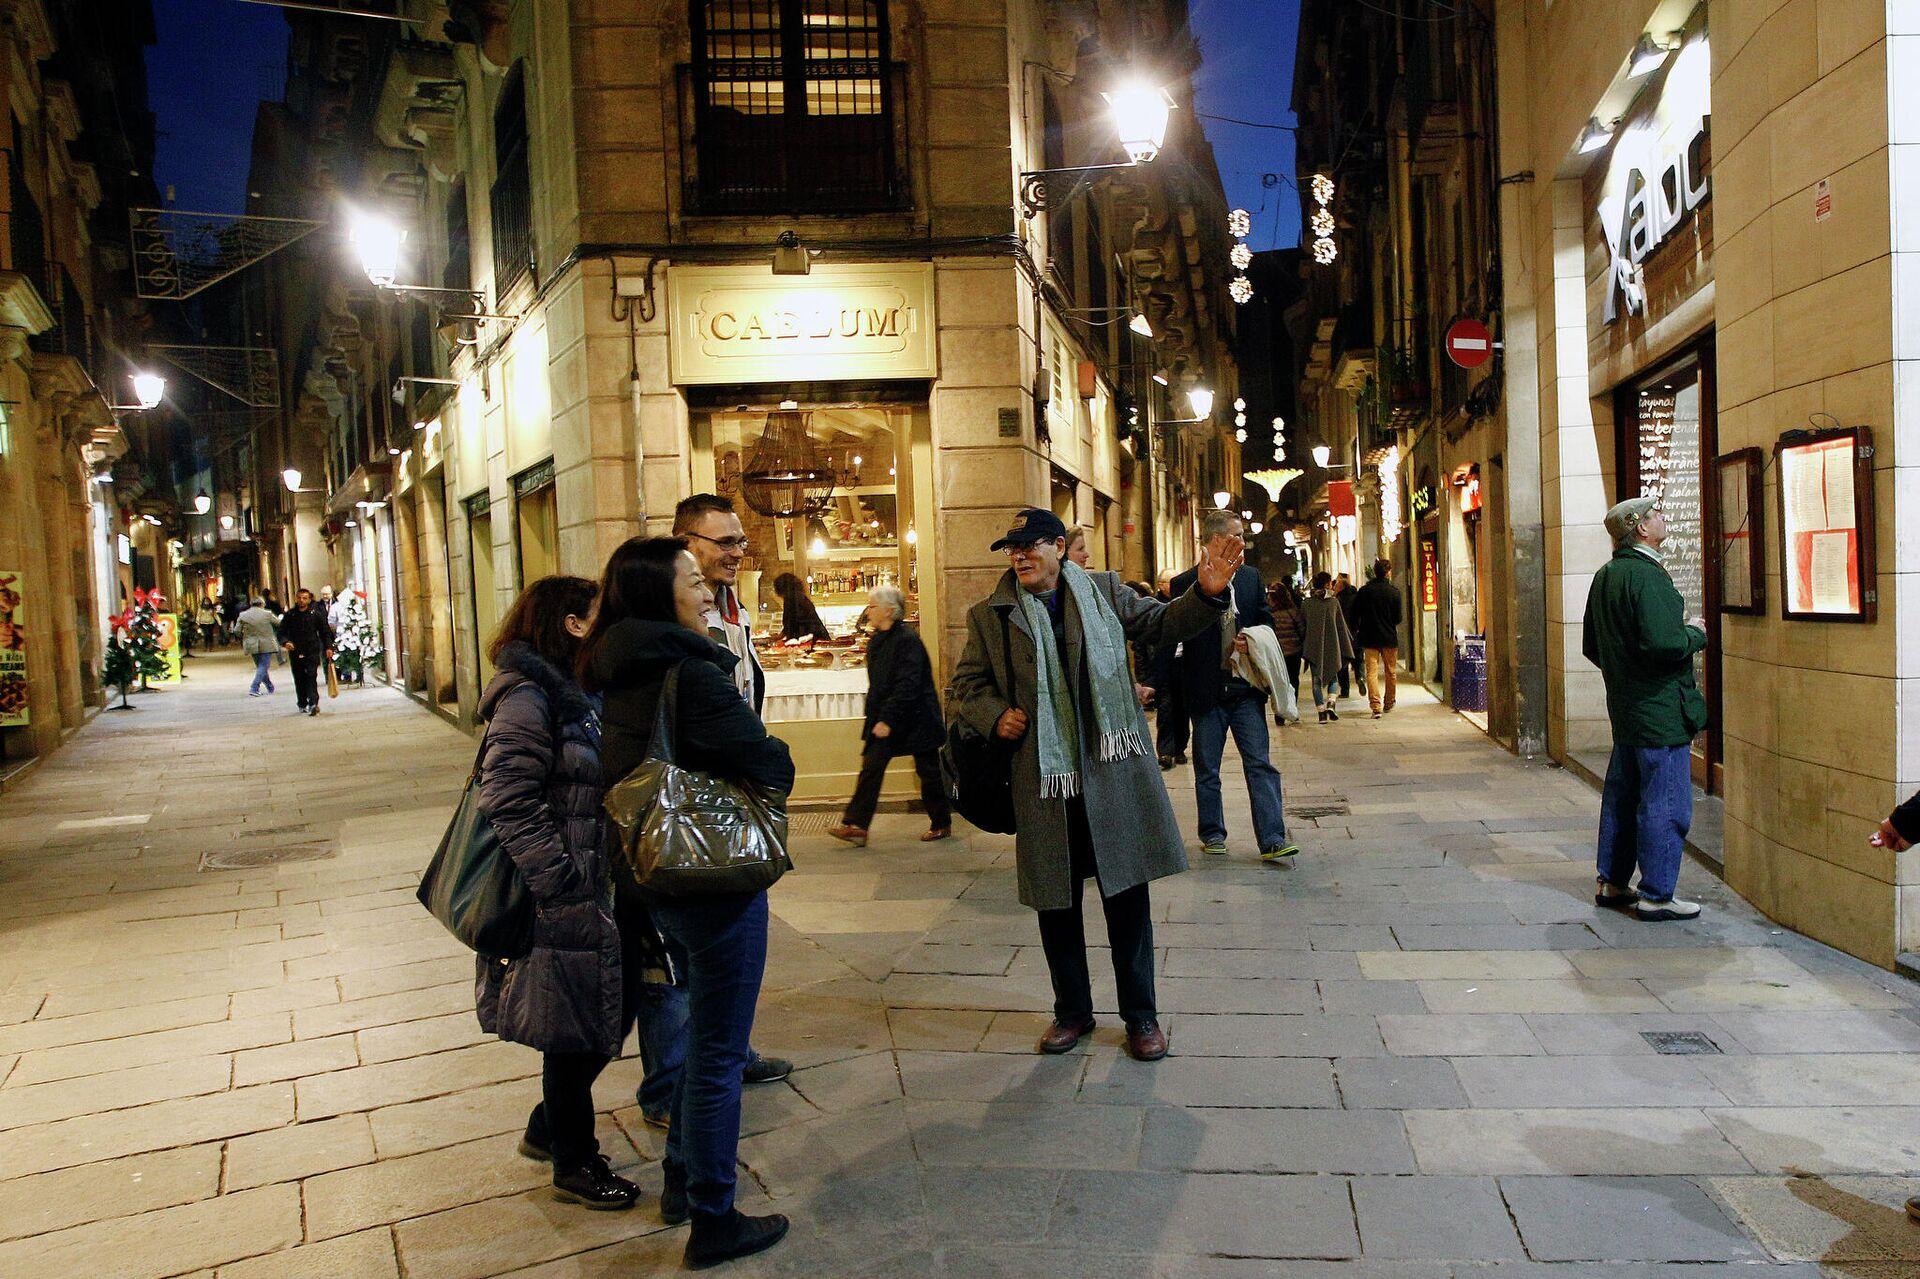 Экскурсия The Hidden City Tours, показывающая город глазами бездомного, в Барселоне - РИА Новости, 1920, 16.12.2020